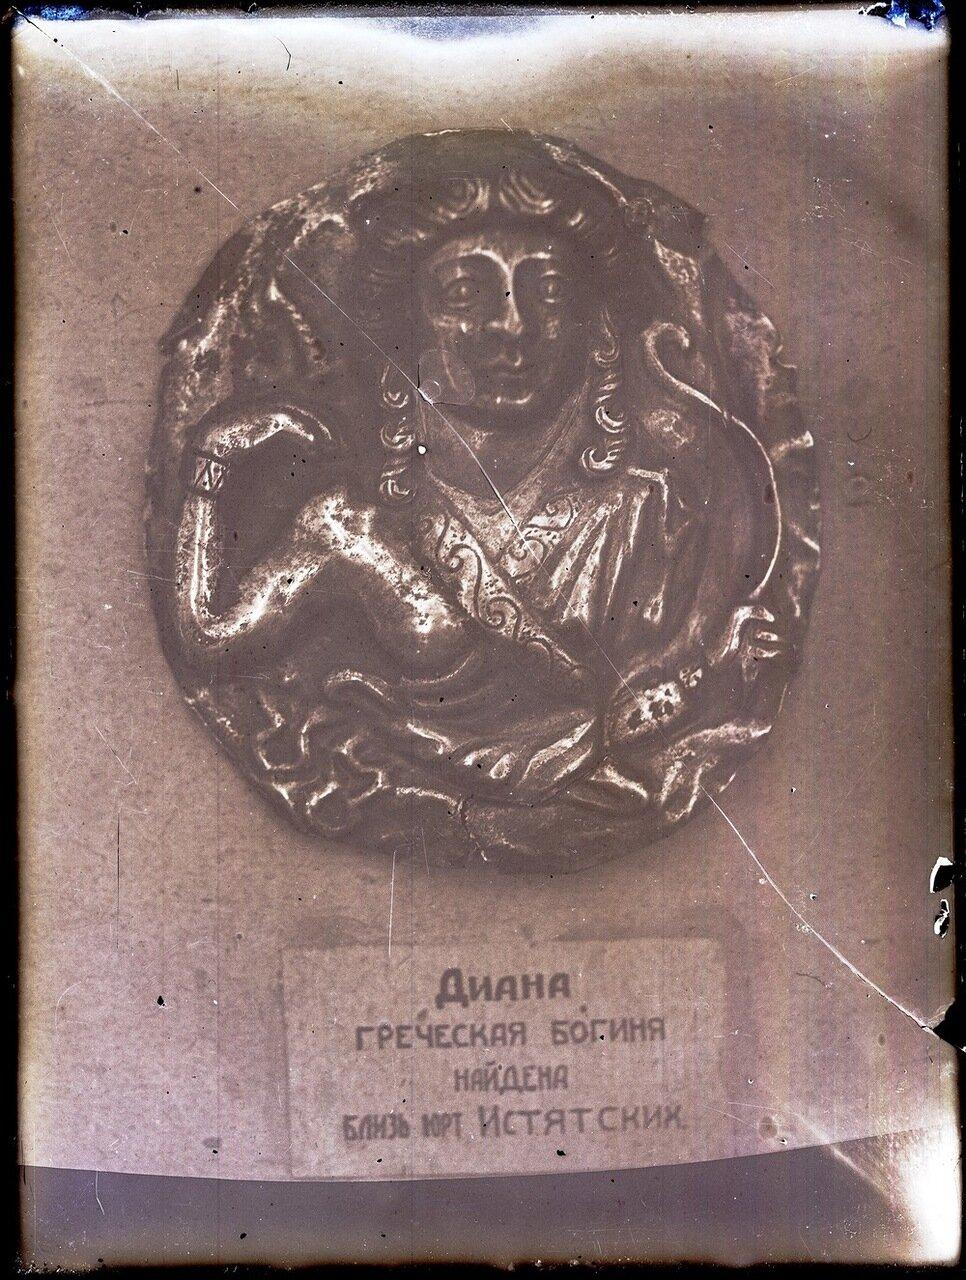 Диана, греческая богиня, найденная близ юрт Истятских